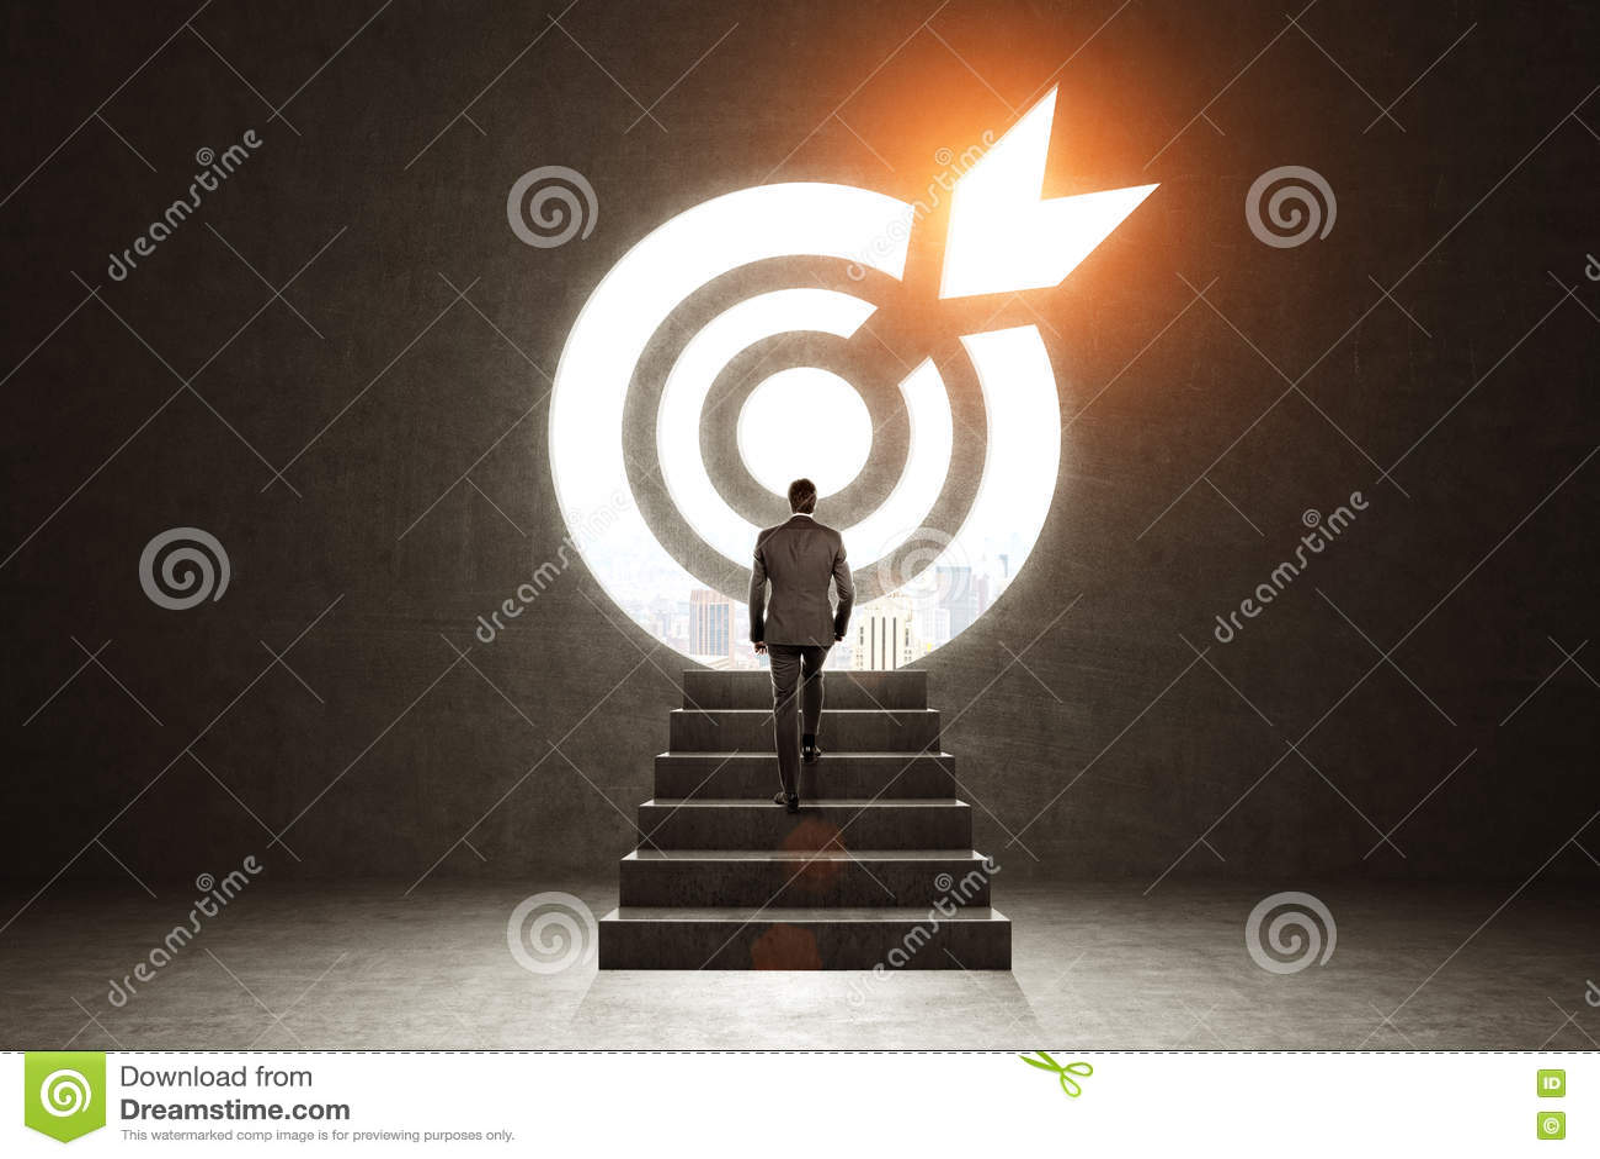 Uomo che scala ad un obiettivo